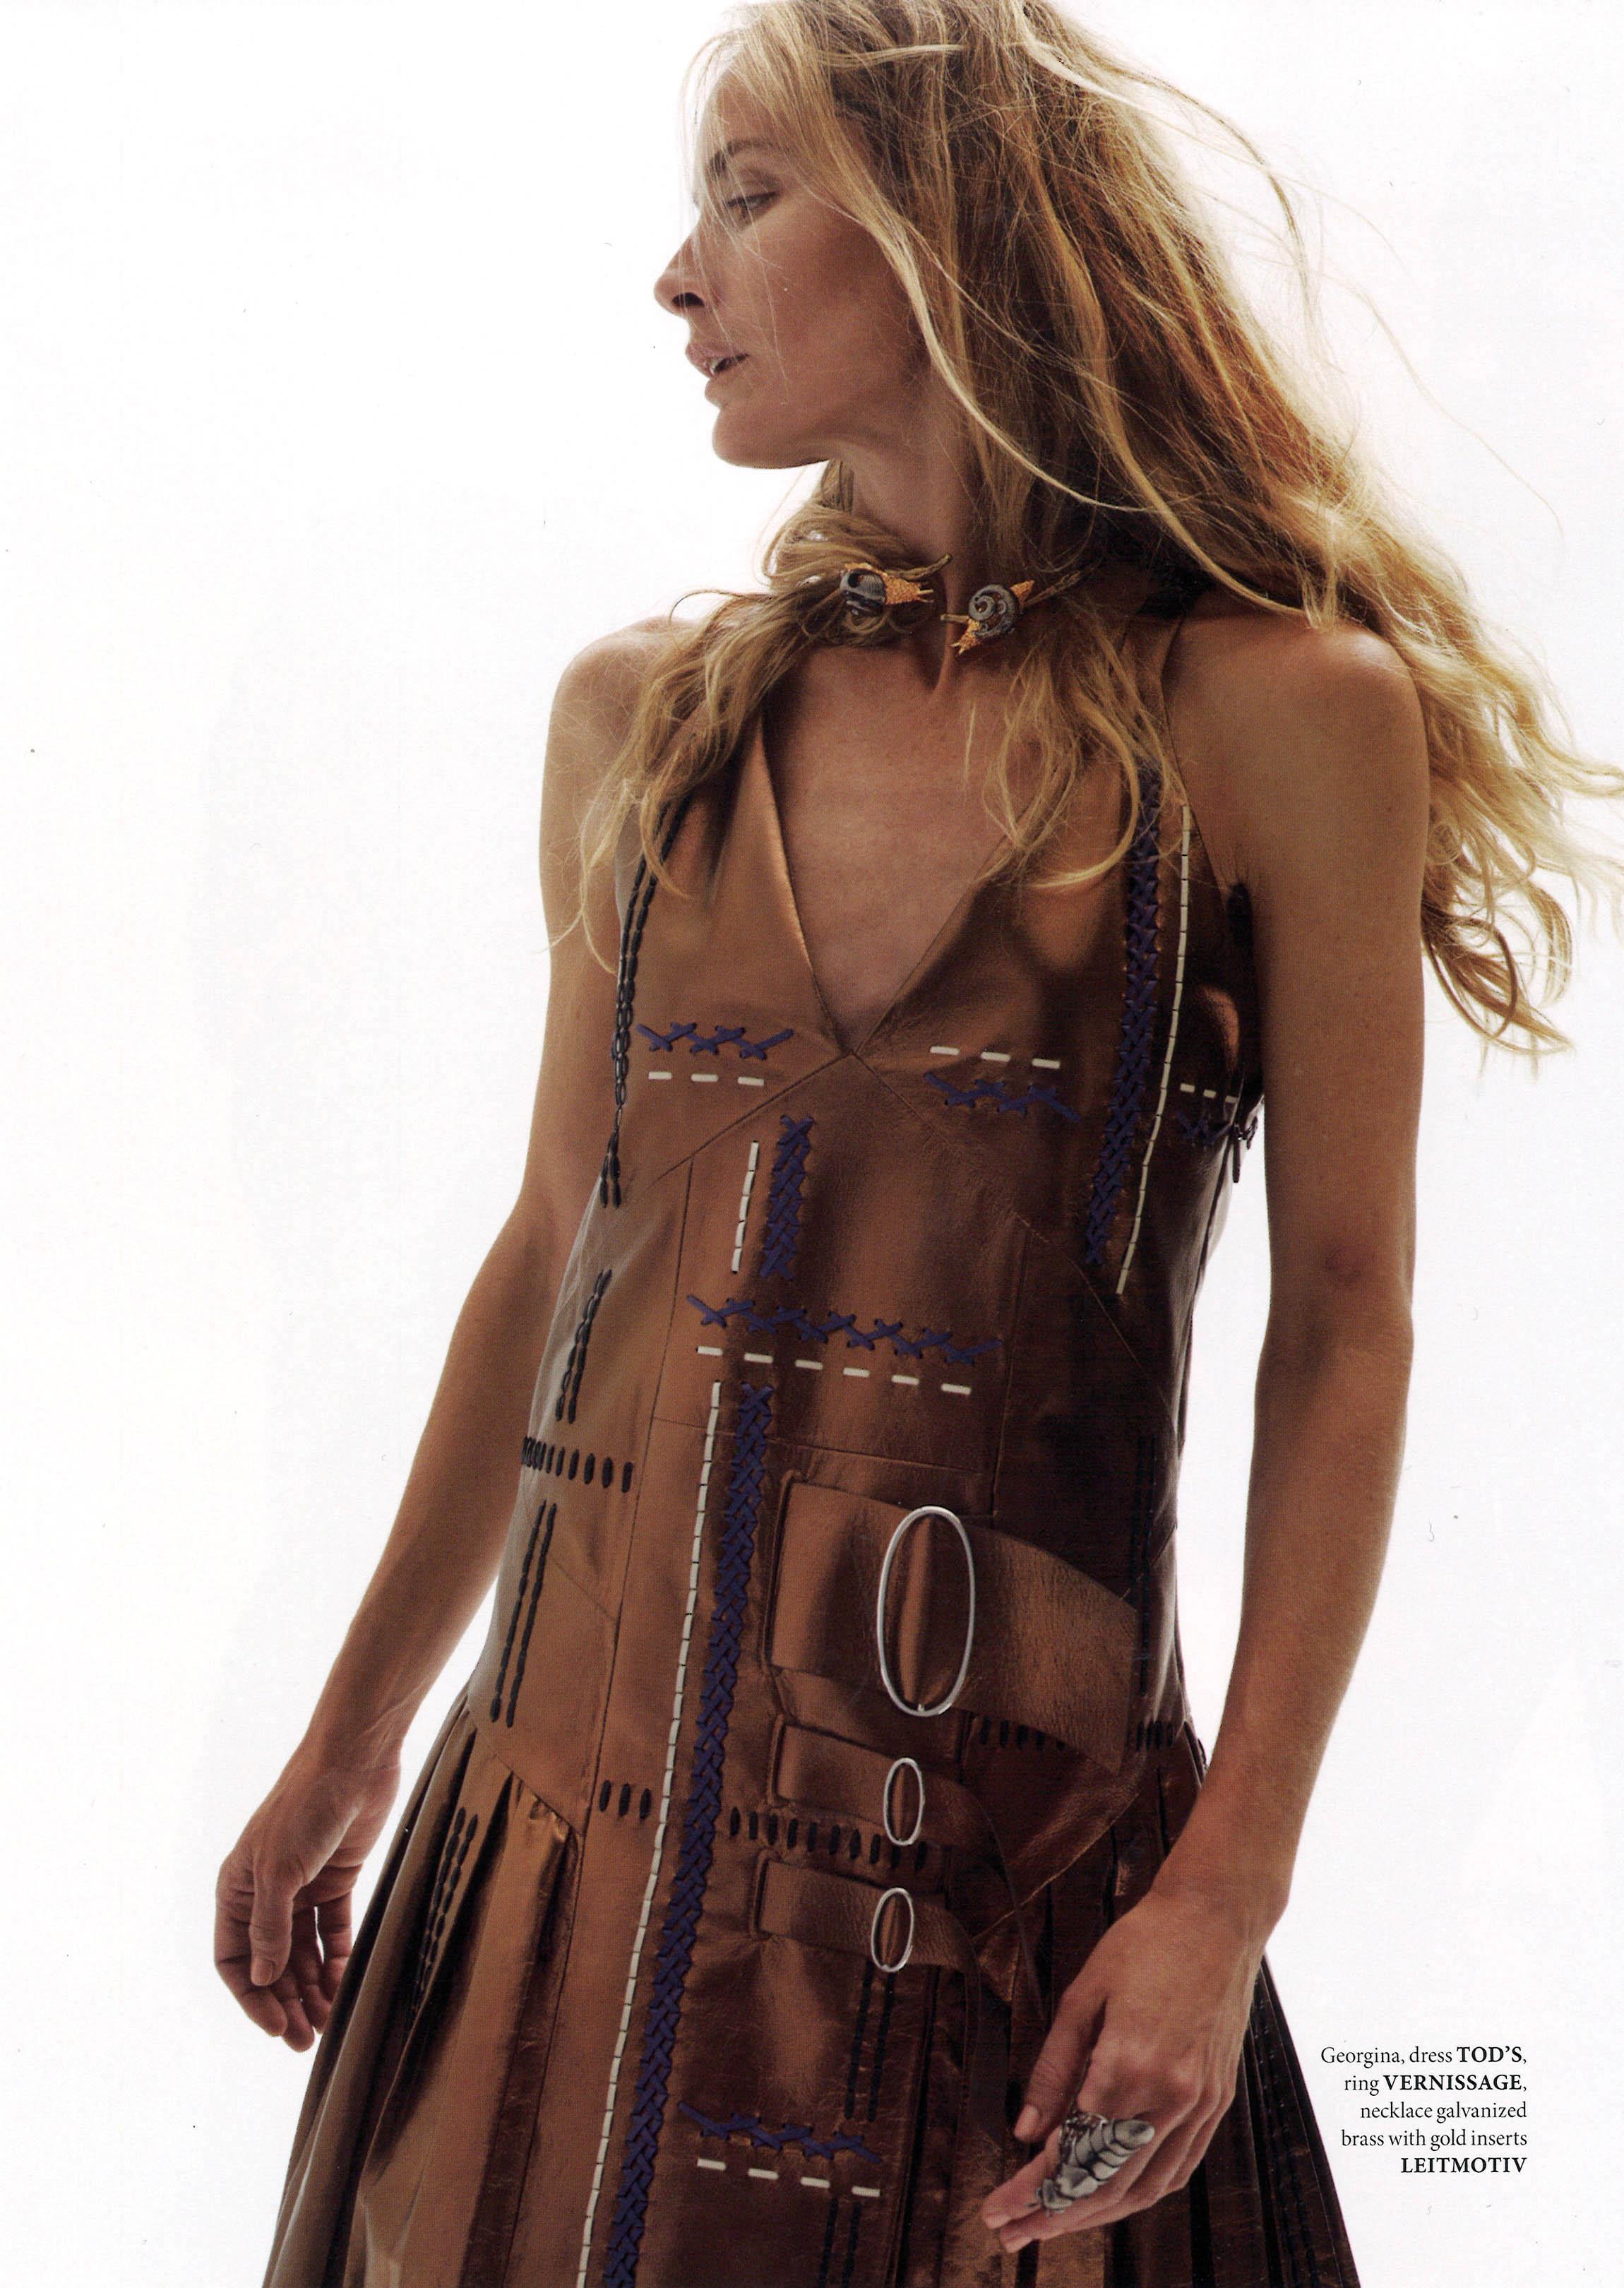 Nude Macy Mariano nude (55 foto and video), Sexy, Bikini, Instagram, in bikini 2006